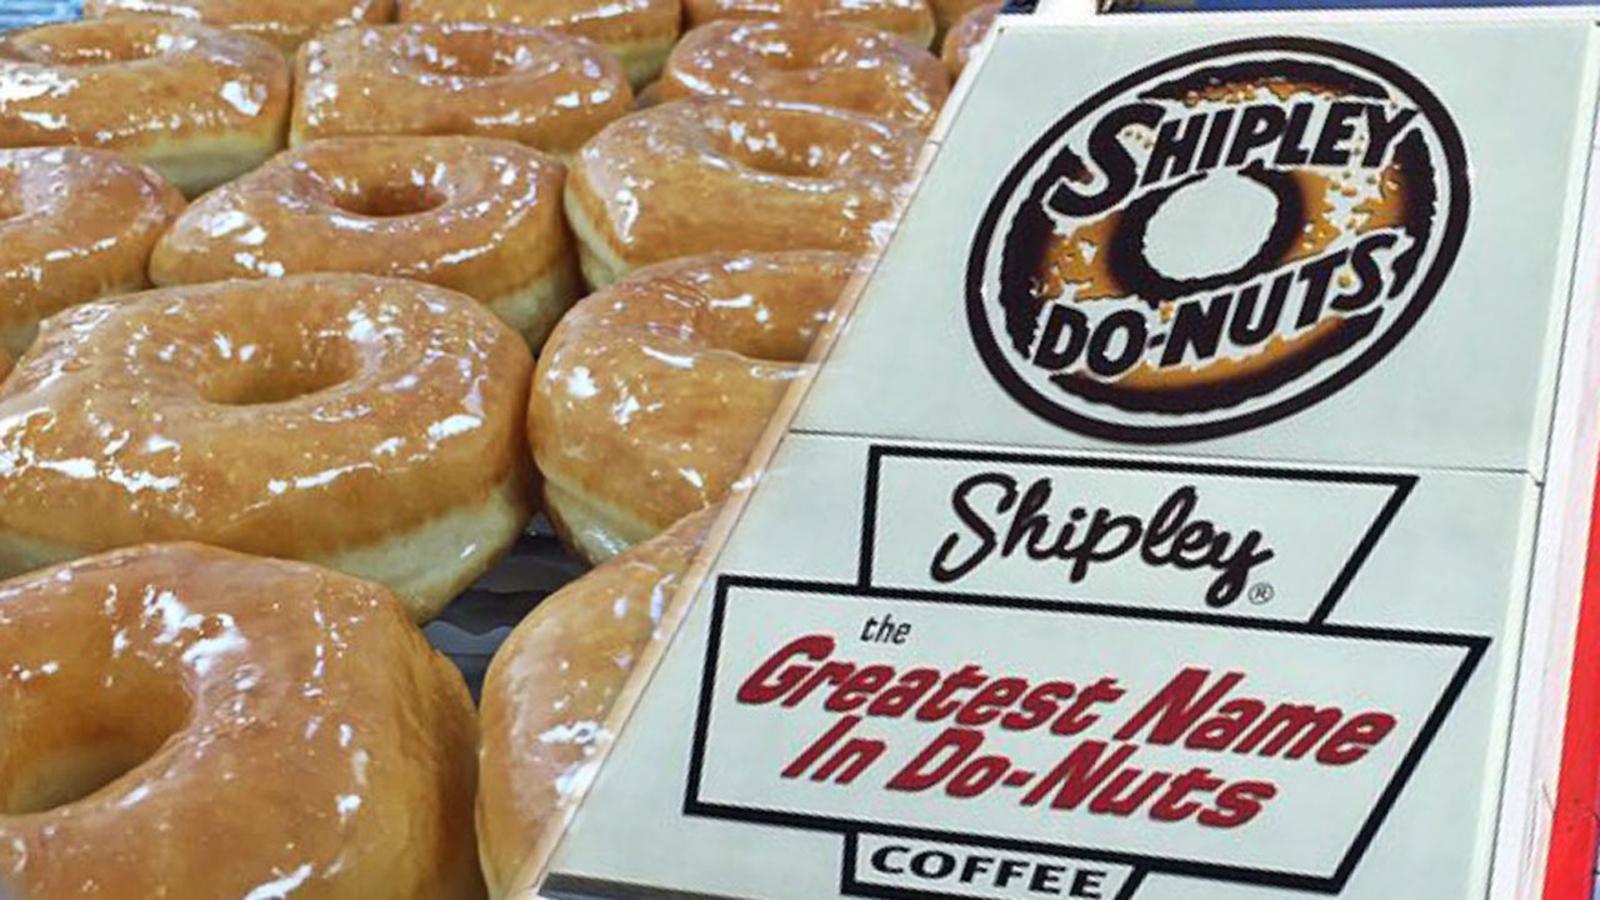 Shipley Donuts celebrating its 81st birthday